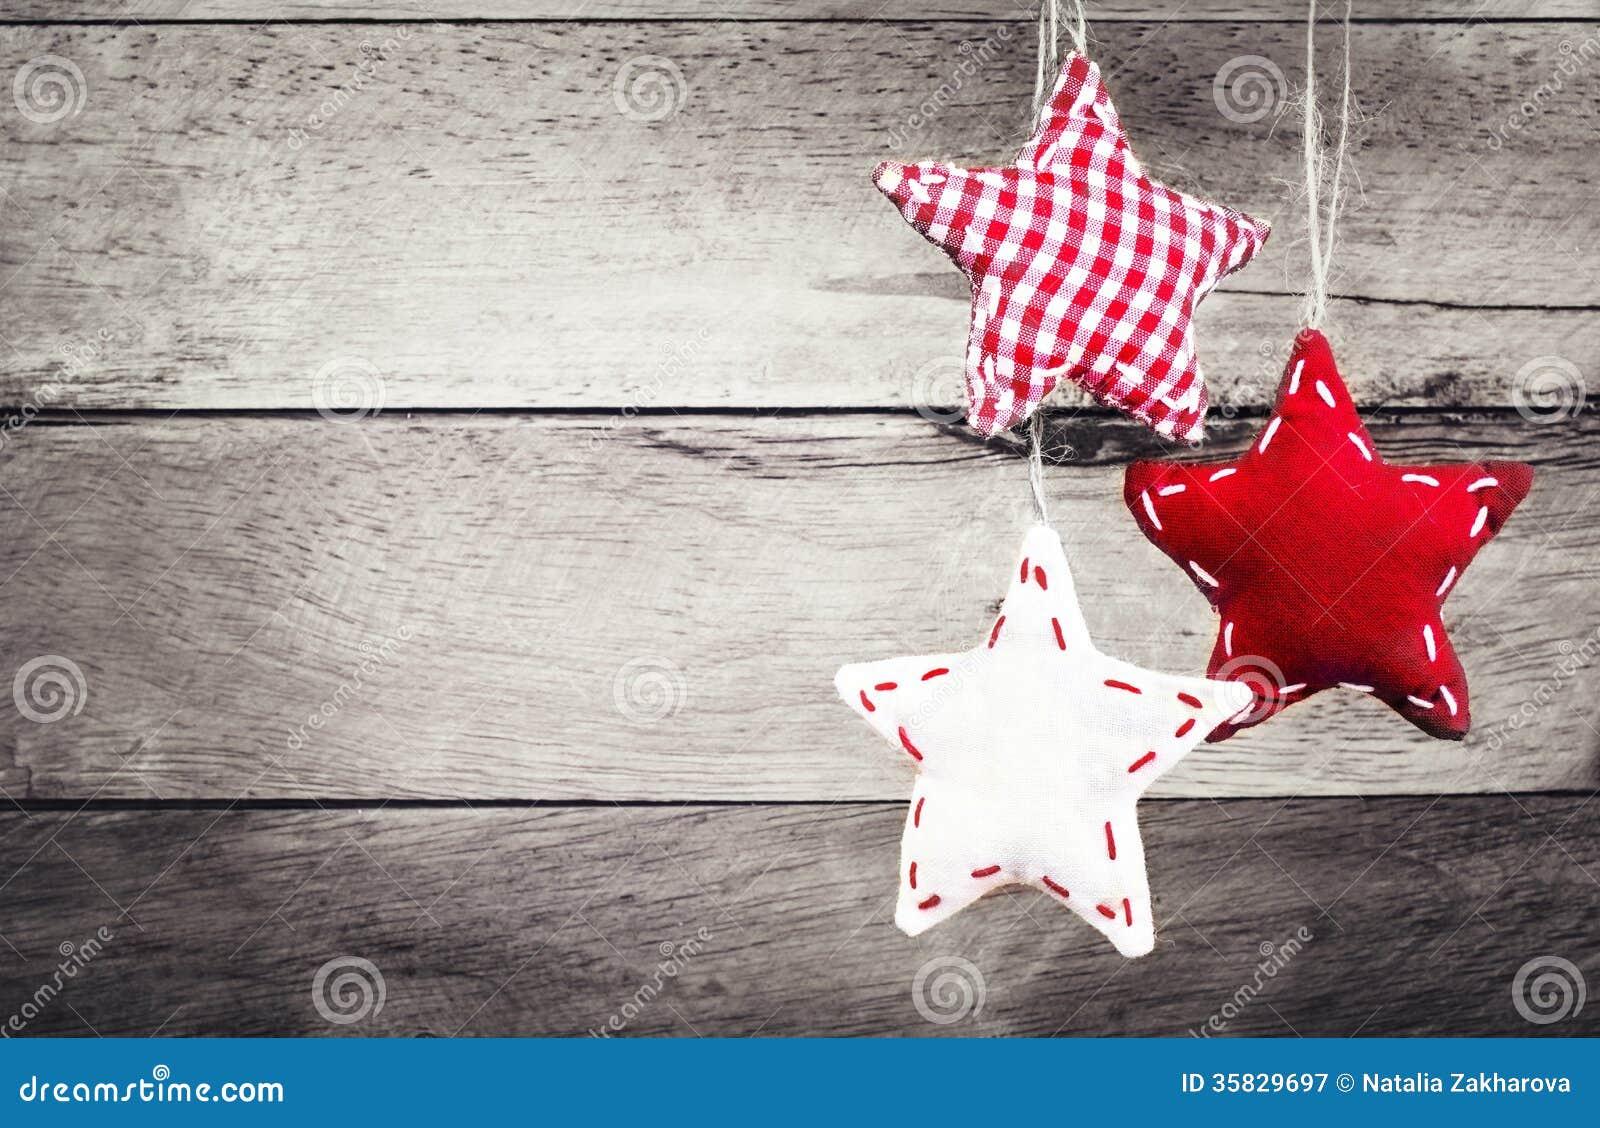 #BC0F23 Décoration De Noël Accrochant Au Dessus Du Fond En Bois  6029 decoration de noel rustique 1300x933 px @ aertt.com